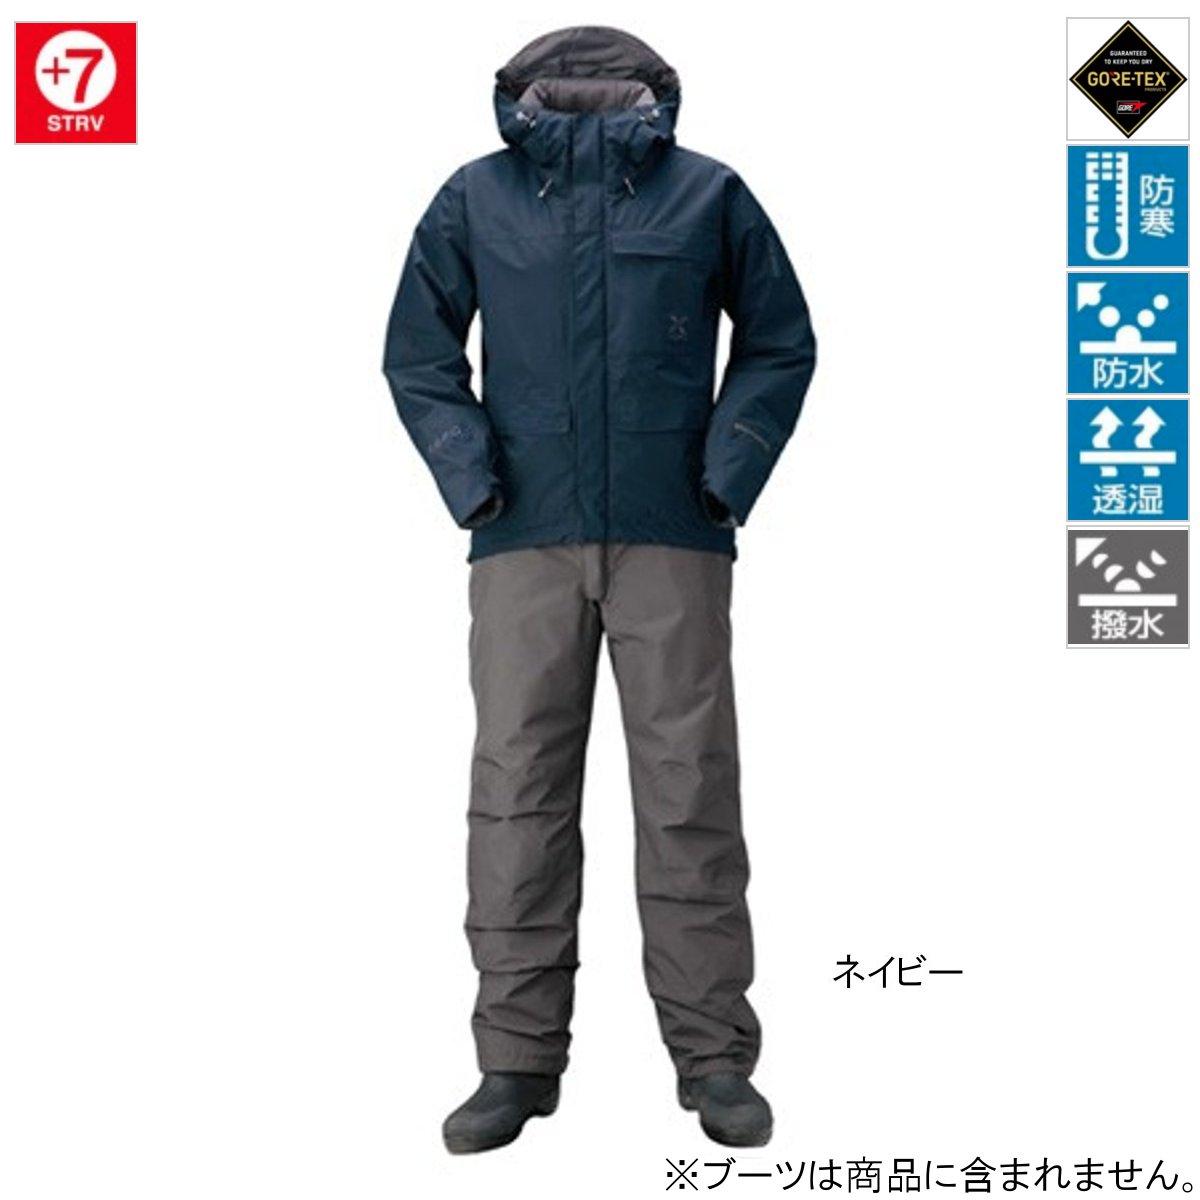 シマノ XEFO GORE-TEX COZY SUIT RB-214Q XL ネイビー(東日本店)